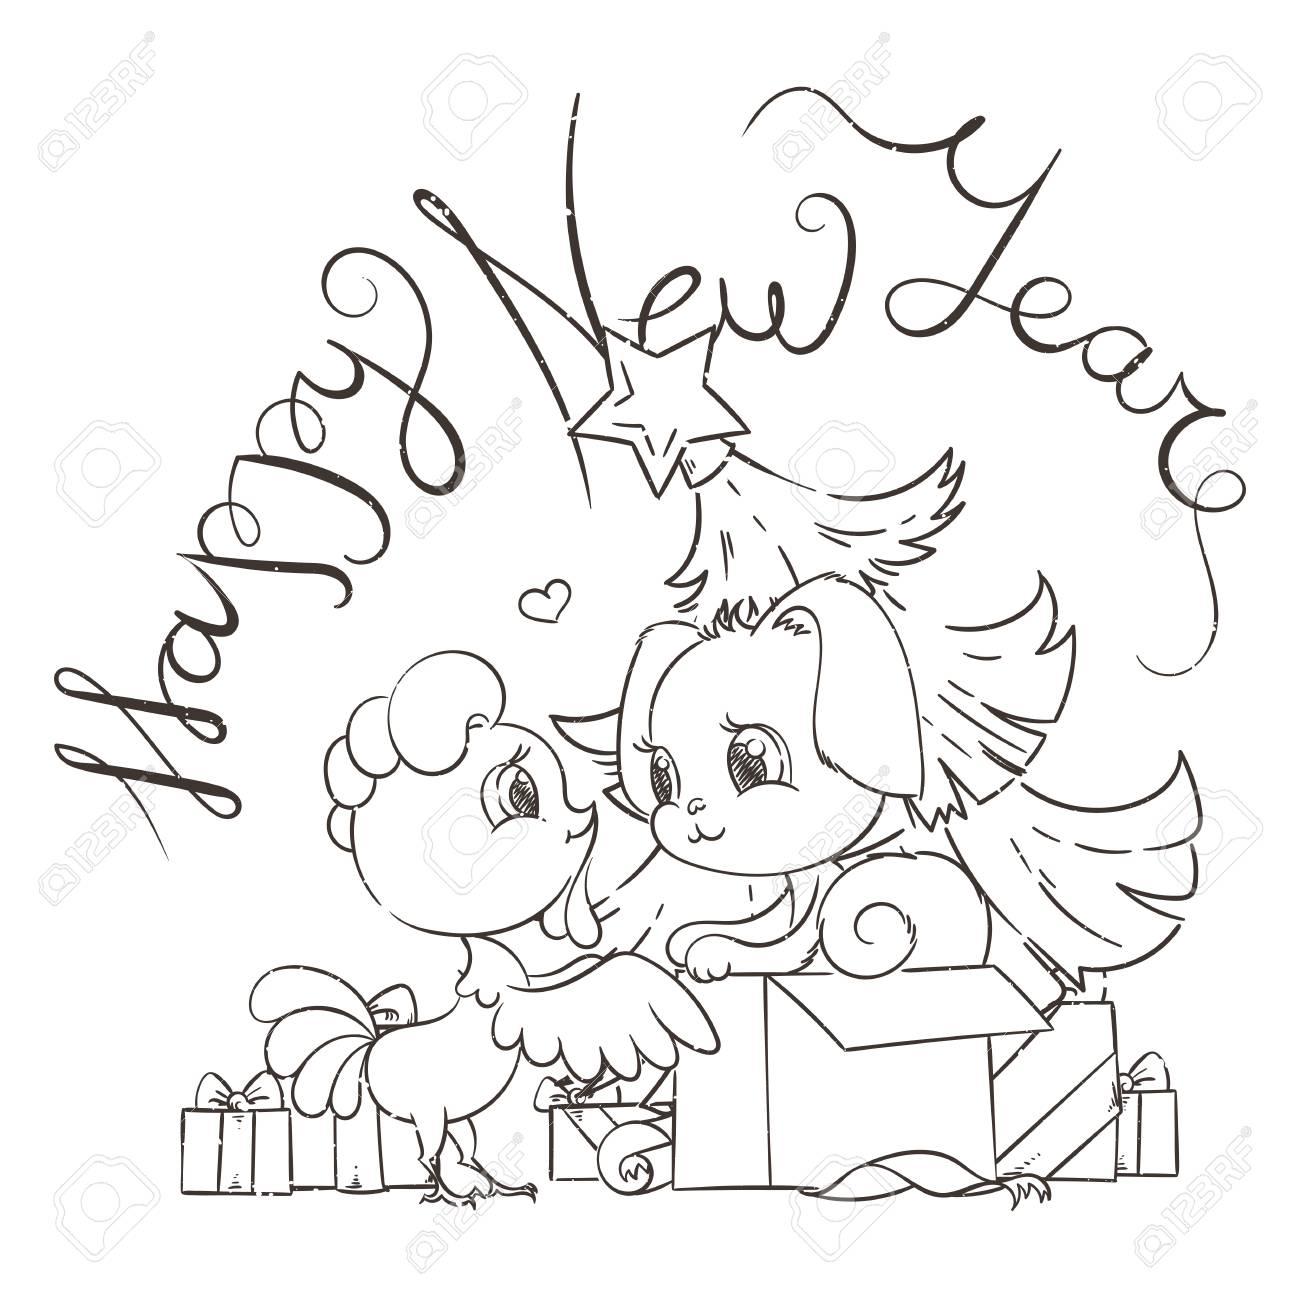 Tarjeta De Divertidos Dibujos Animados Con Perro Y Gallo Símbolos De 2017 Y 2018 Feliz Año Nuevo Ilustración Vectorial Con Amigos Humanos Lindos